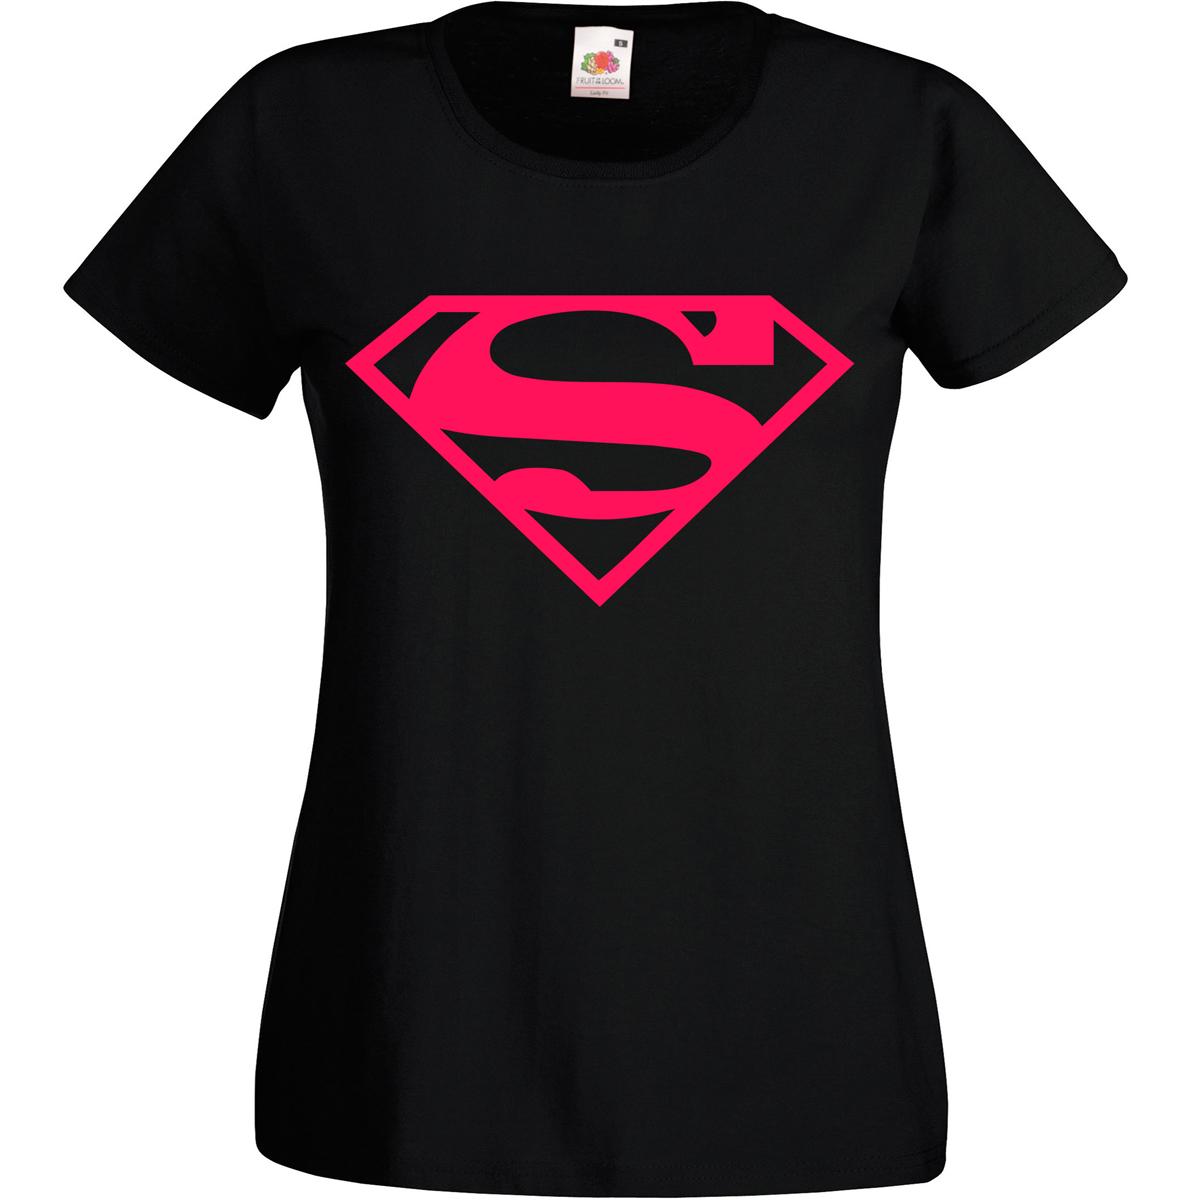 Épinglé sur T-shirts FEMME